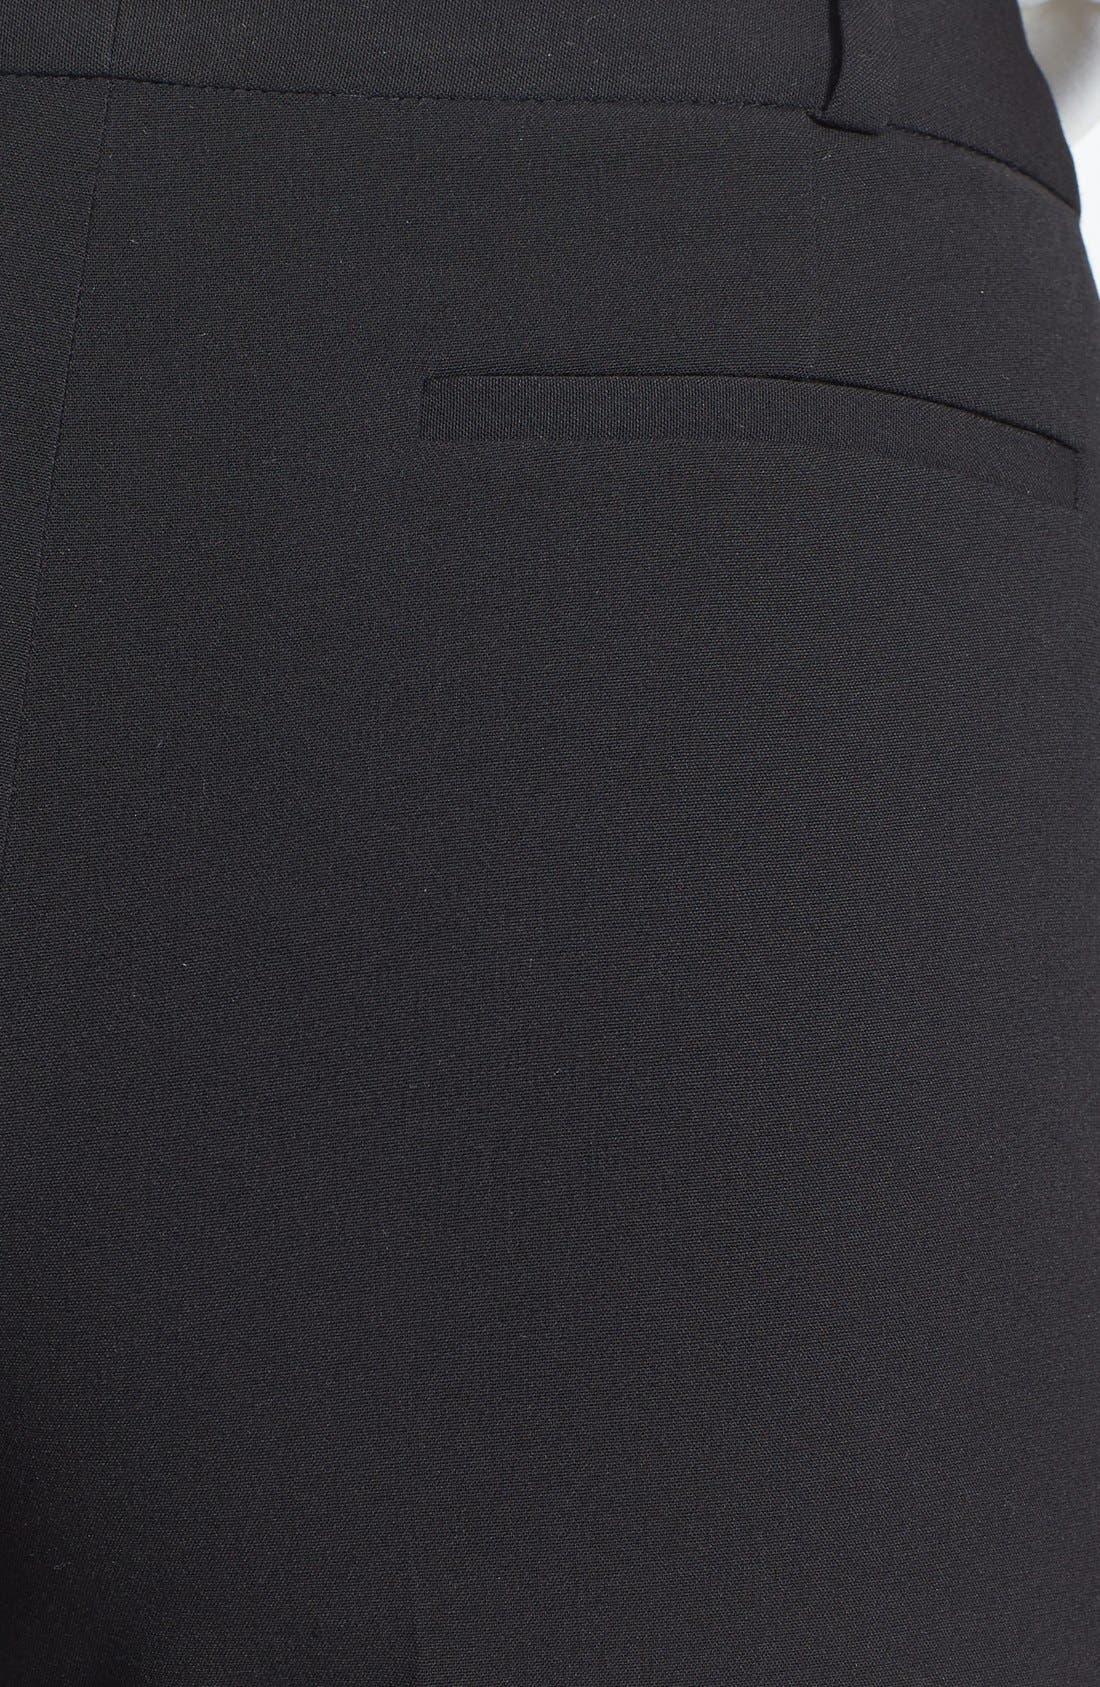 Alternate Image 3  - Anne Klein Skinny Pants